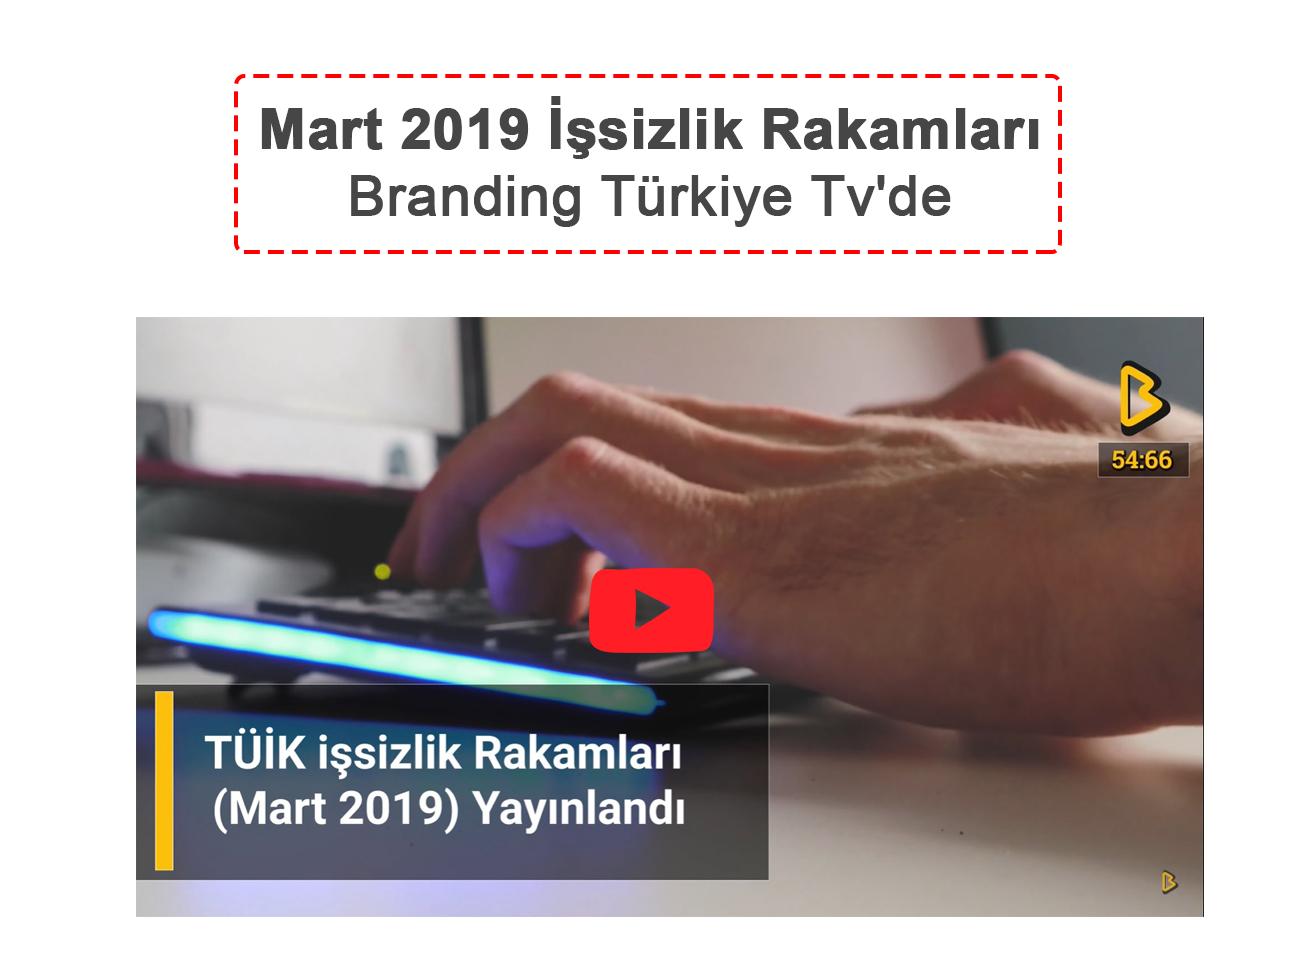 Mart 2019 İşsizlik Rakamları Branding Türkiye Tv'de